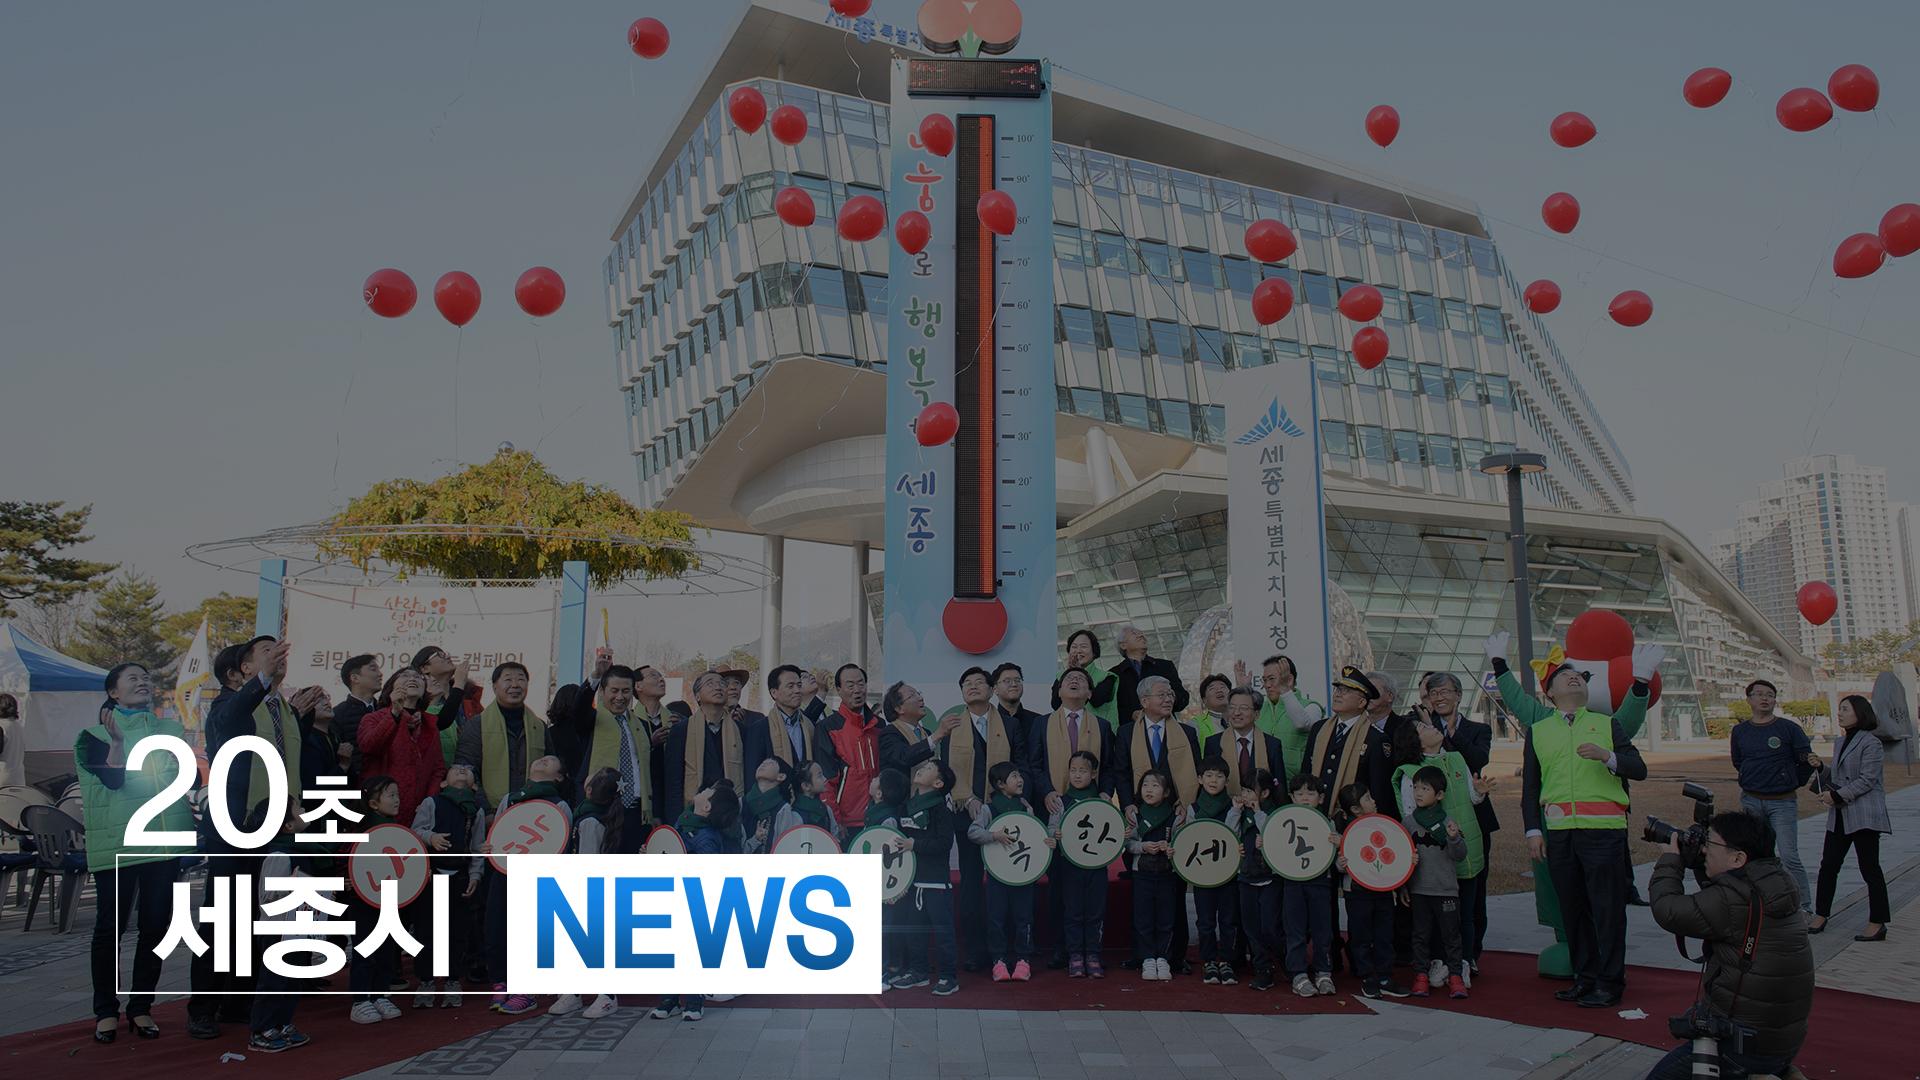 <20초뉴스> 희망2019나눔캠페인 출범식 및 사랑의 온도탑 제막식을 개최